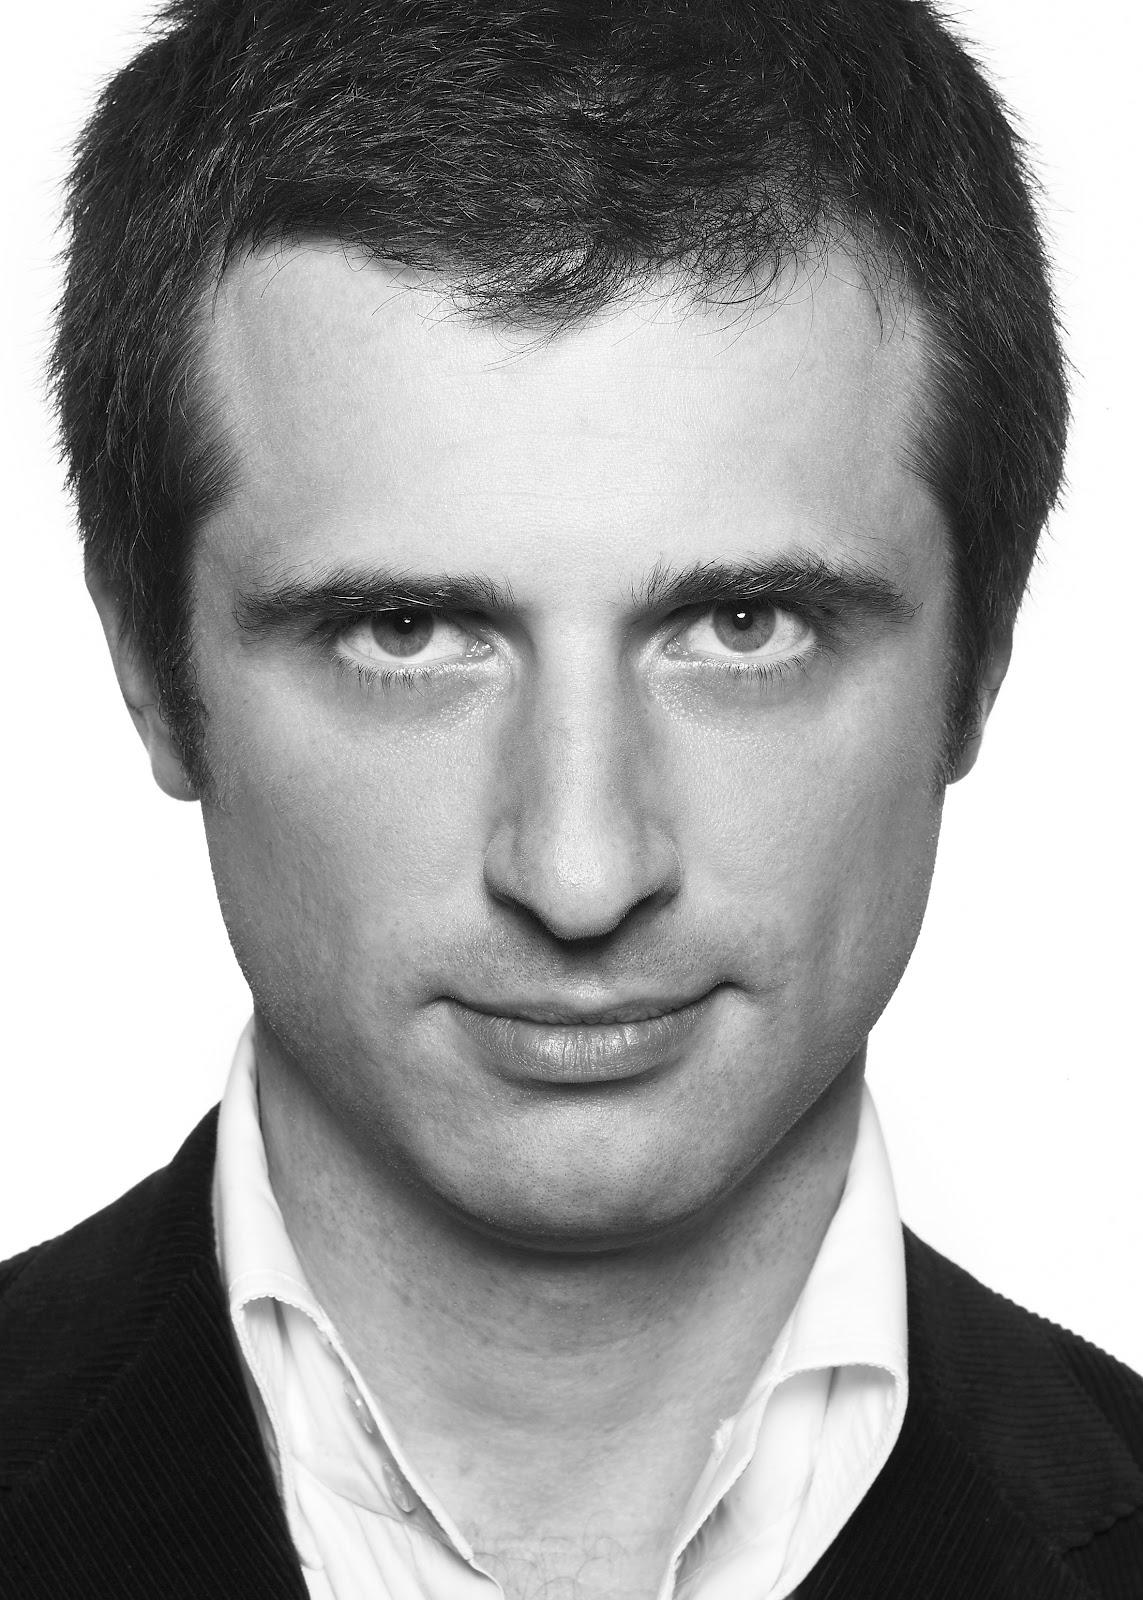 Olivier Polge Nose